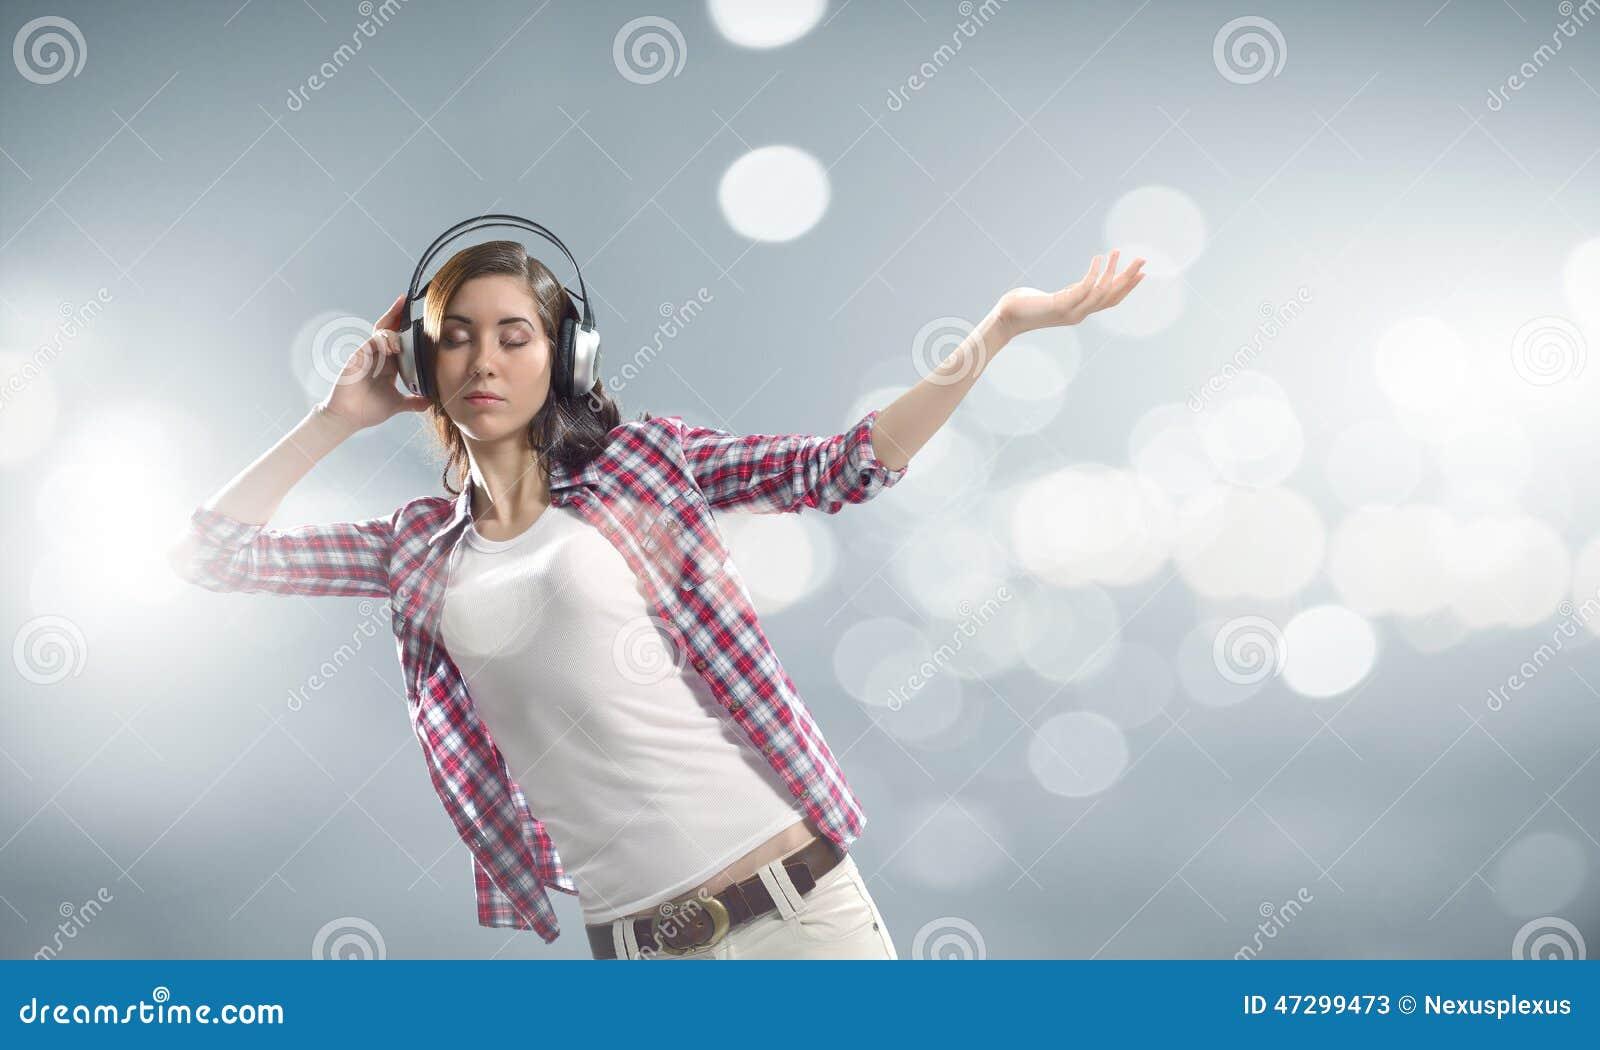 Amante de la música